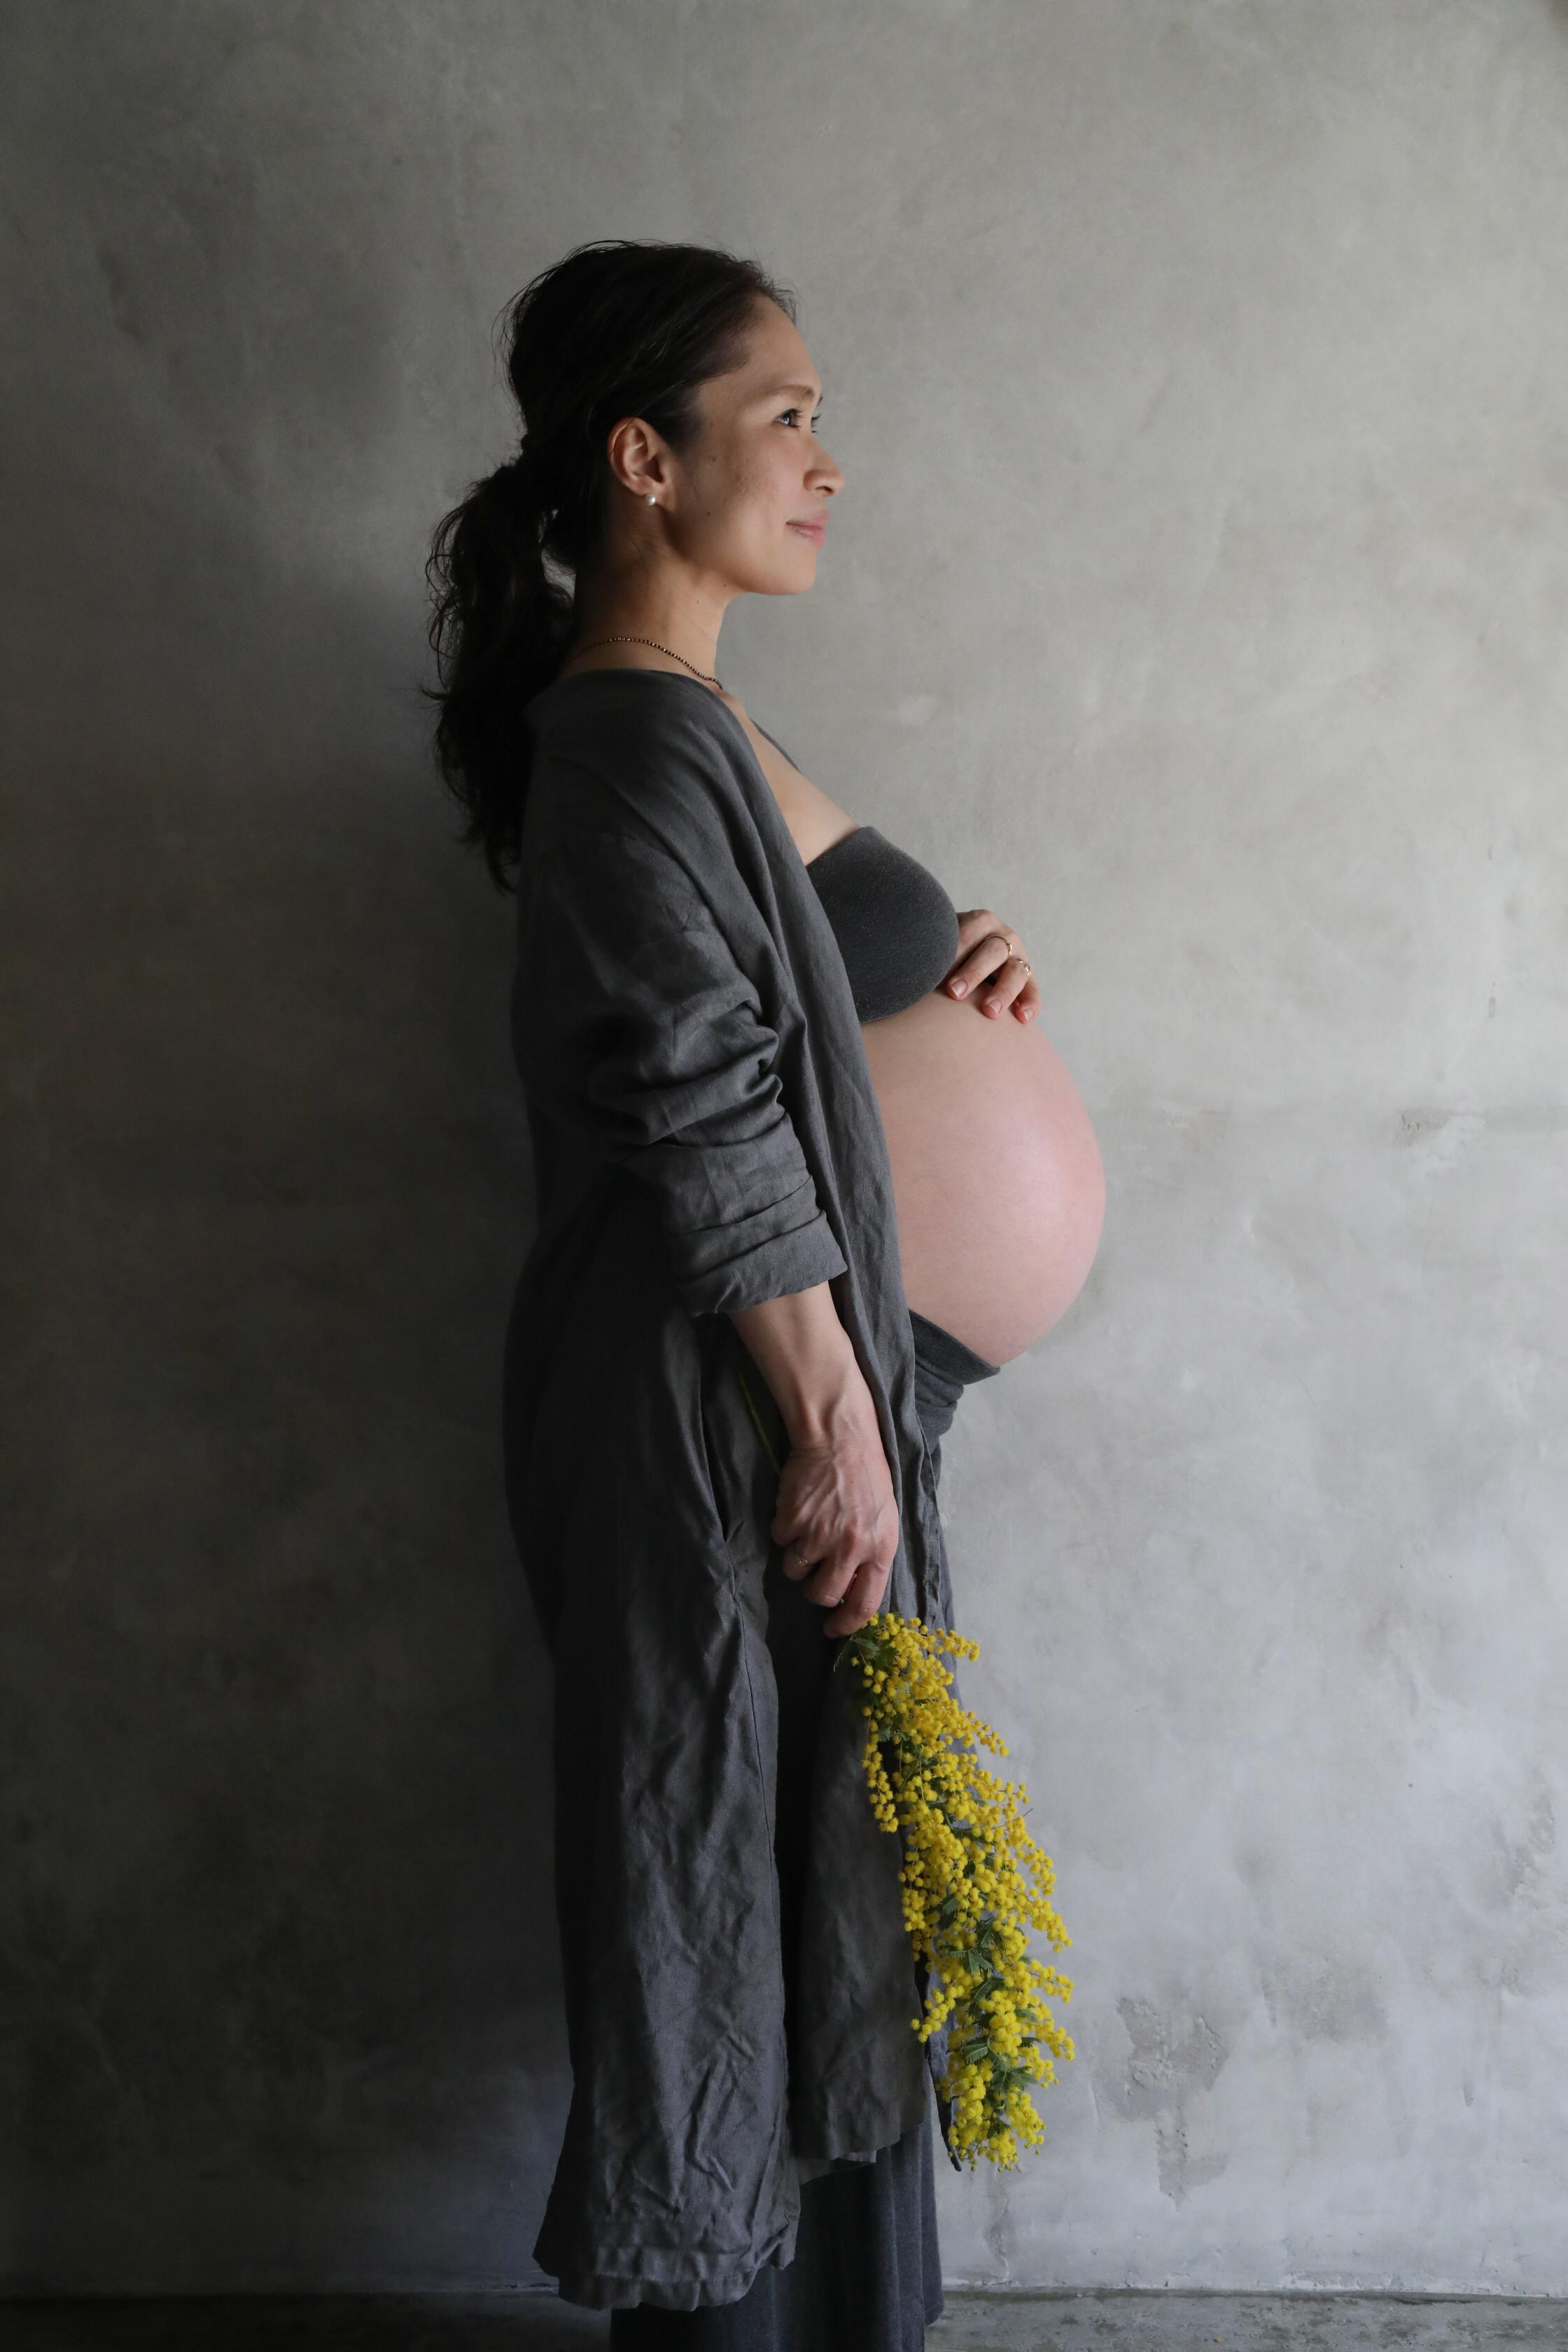 #Blossom 08 お花屋のアトリエで撮るマタニティフォト